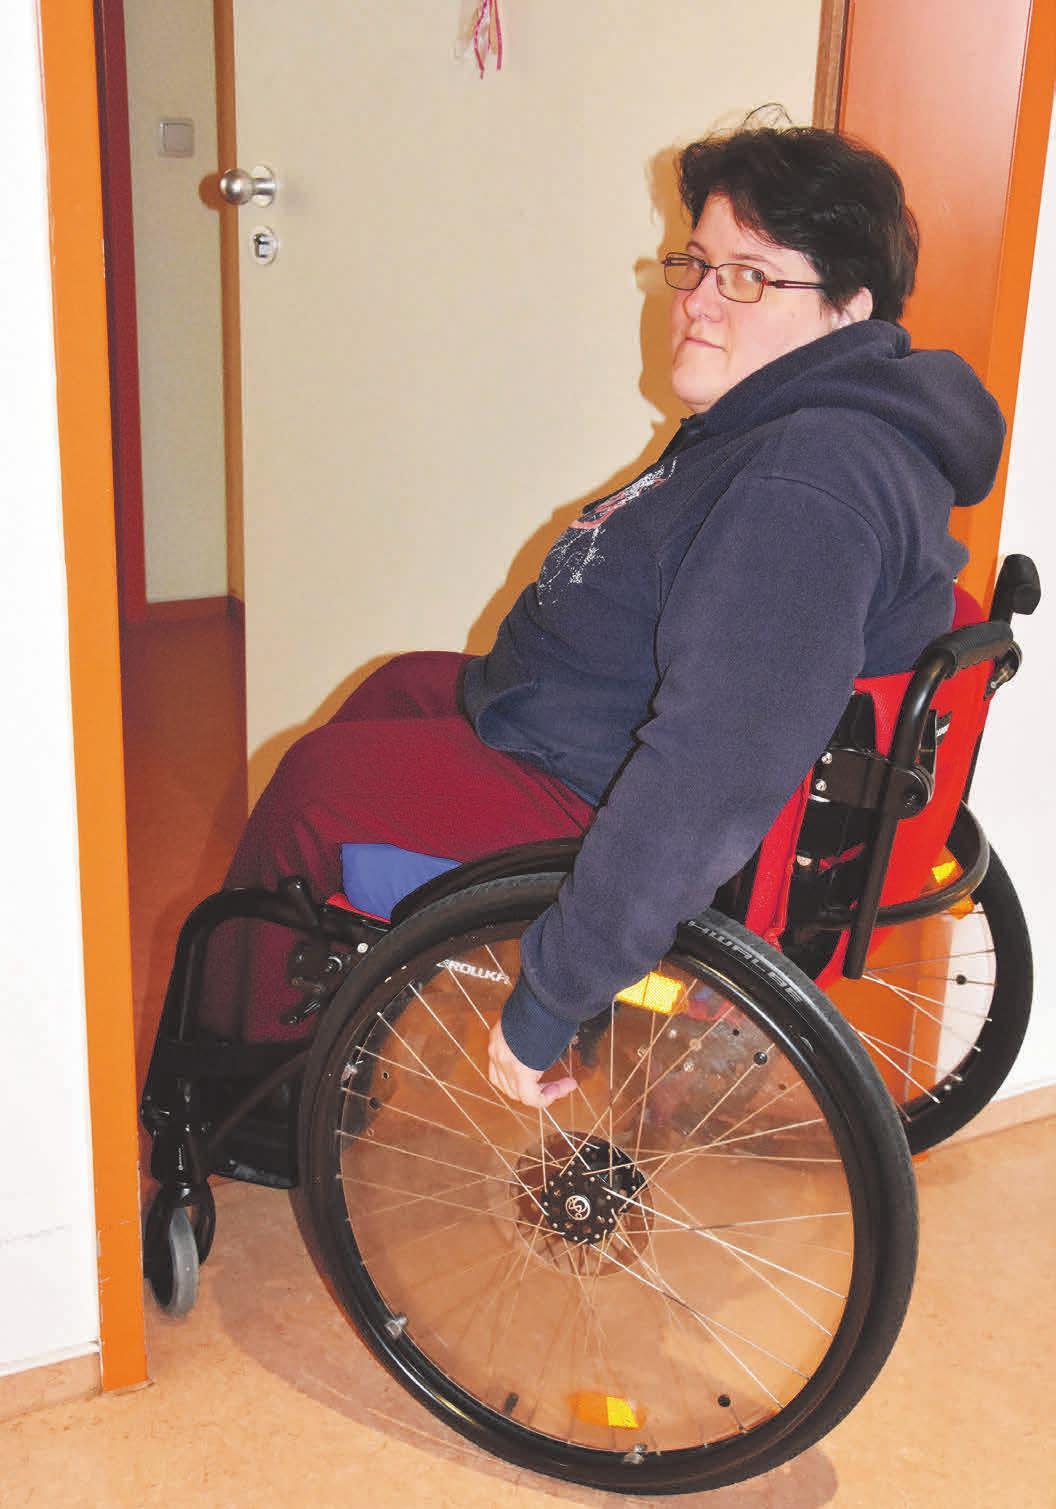 Malin Babatz wohnt seit fast zehn Jahren in ihrer eigenen barrierefreien Wohnung. Foto: Melanie Stallmann